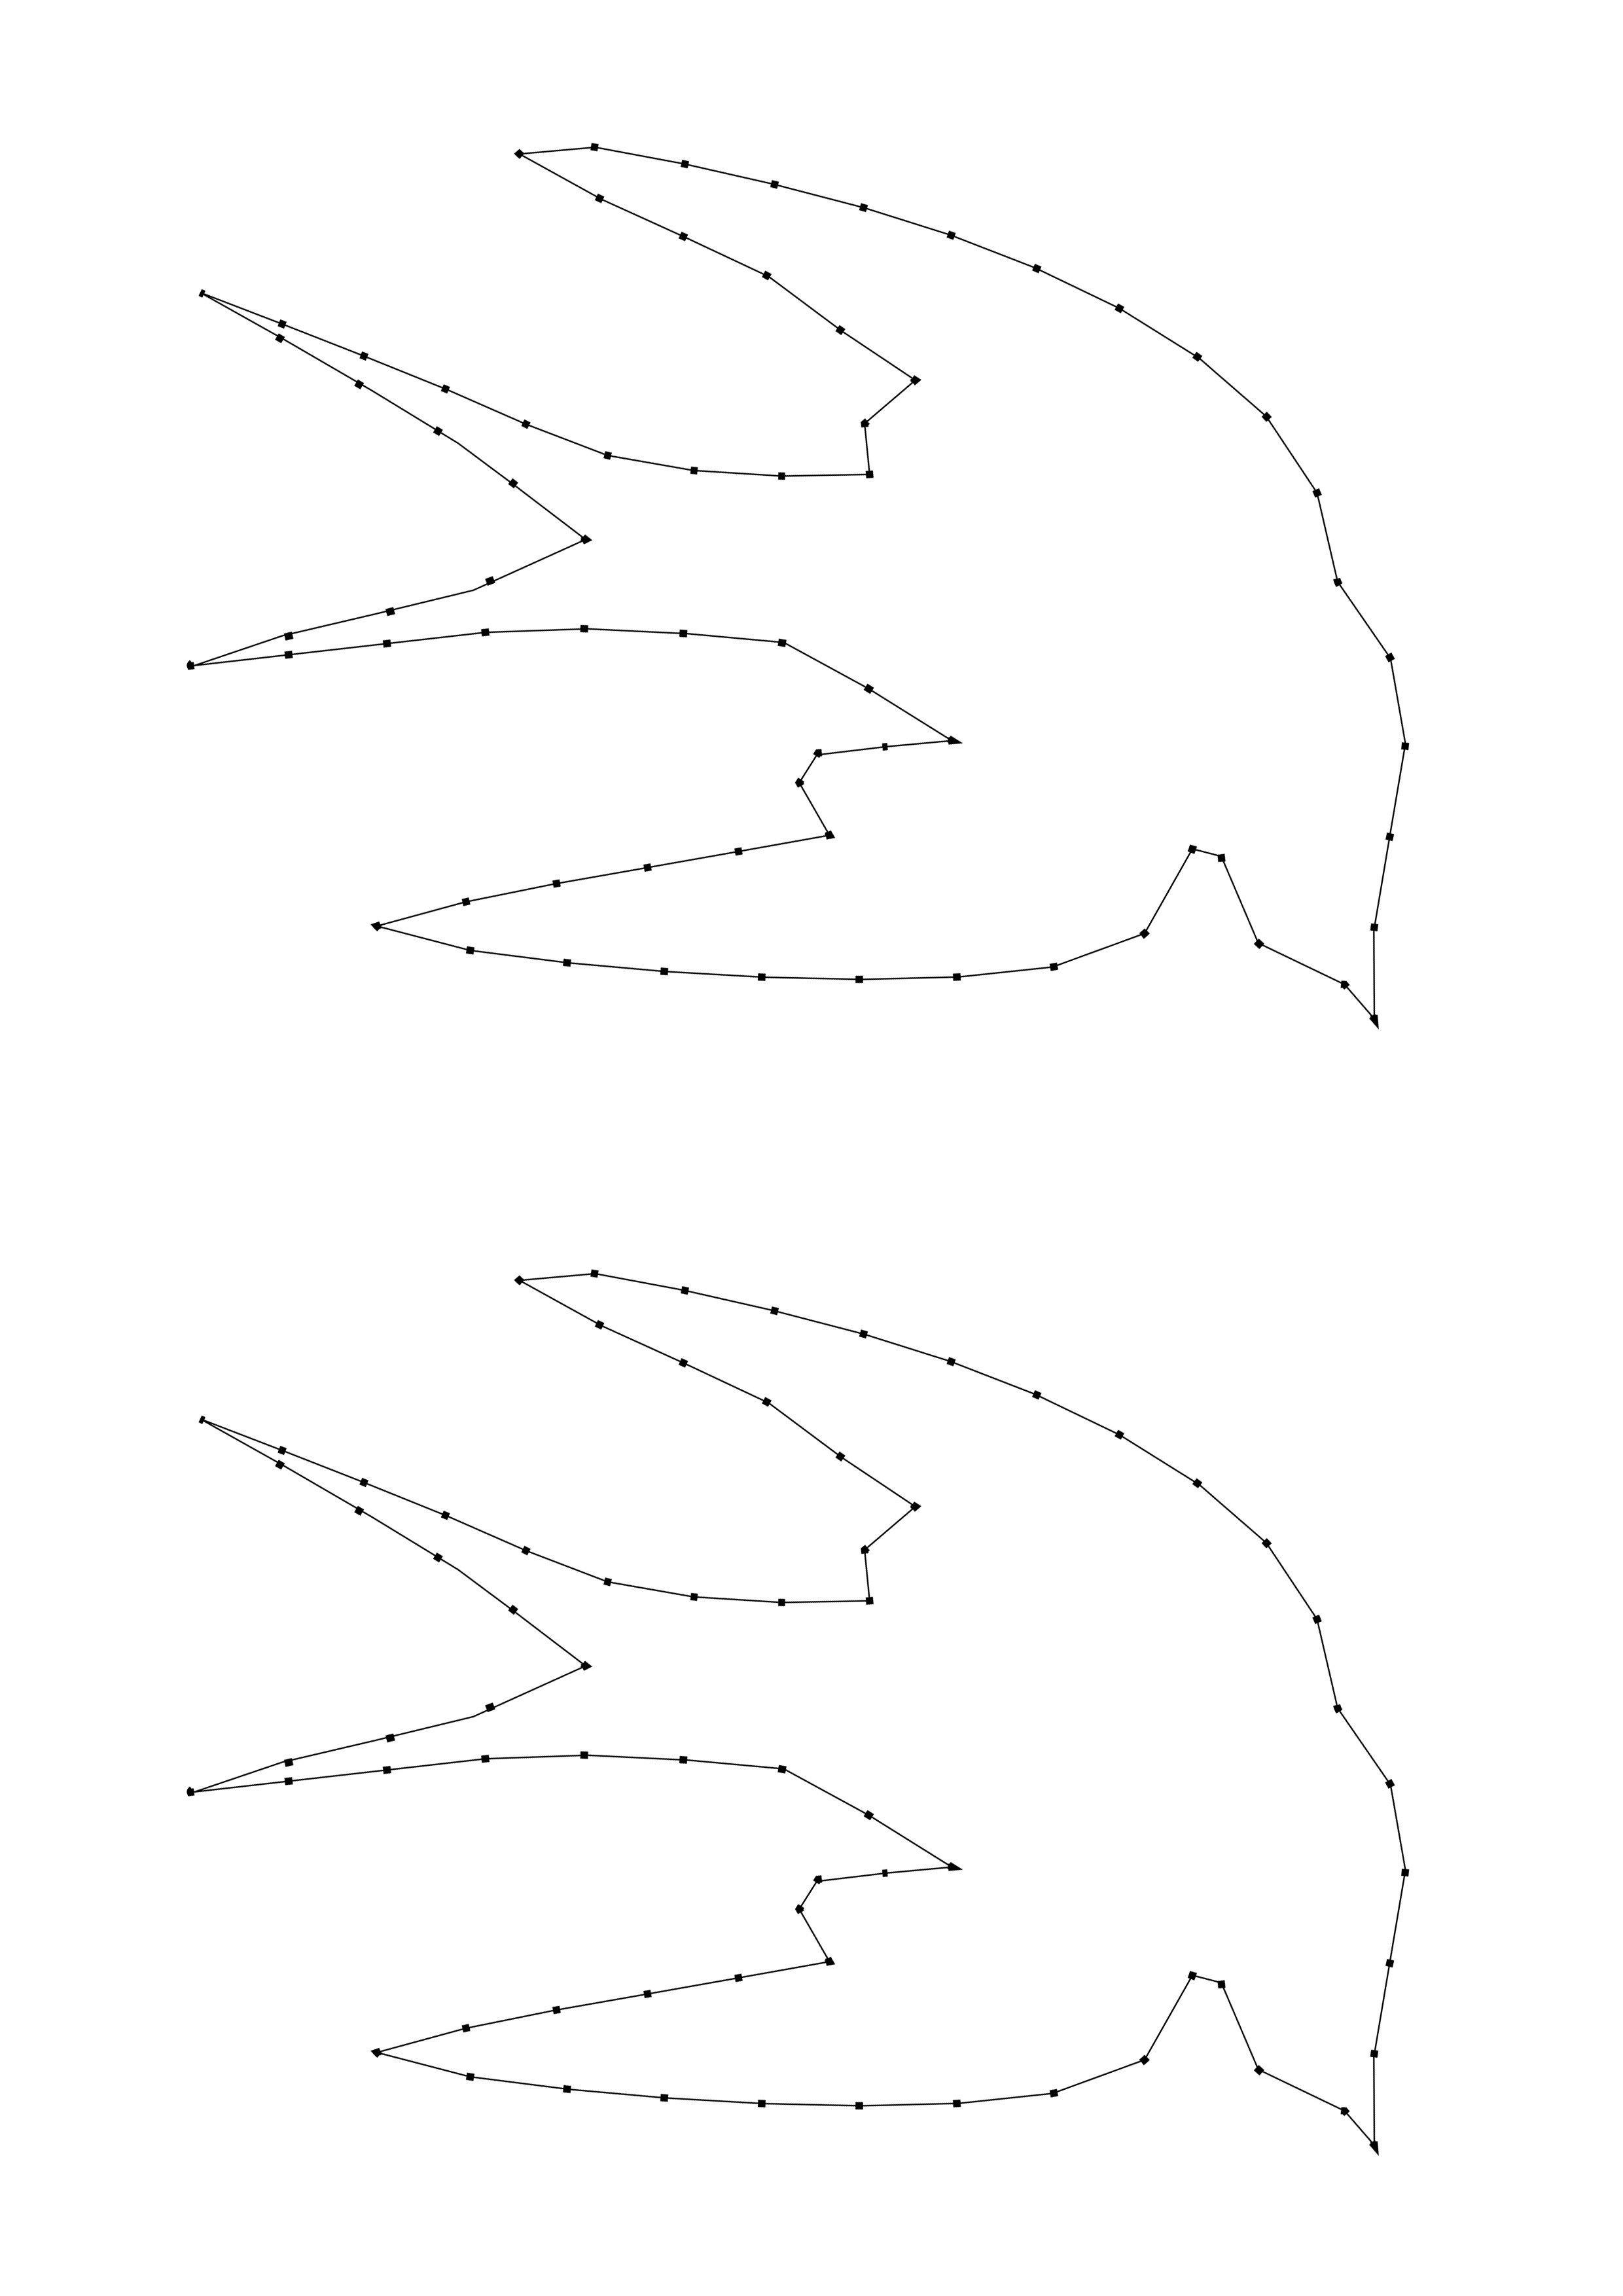 Resultado de imagen para plantillas para hilorama | H - Hiloramas ...